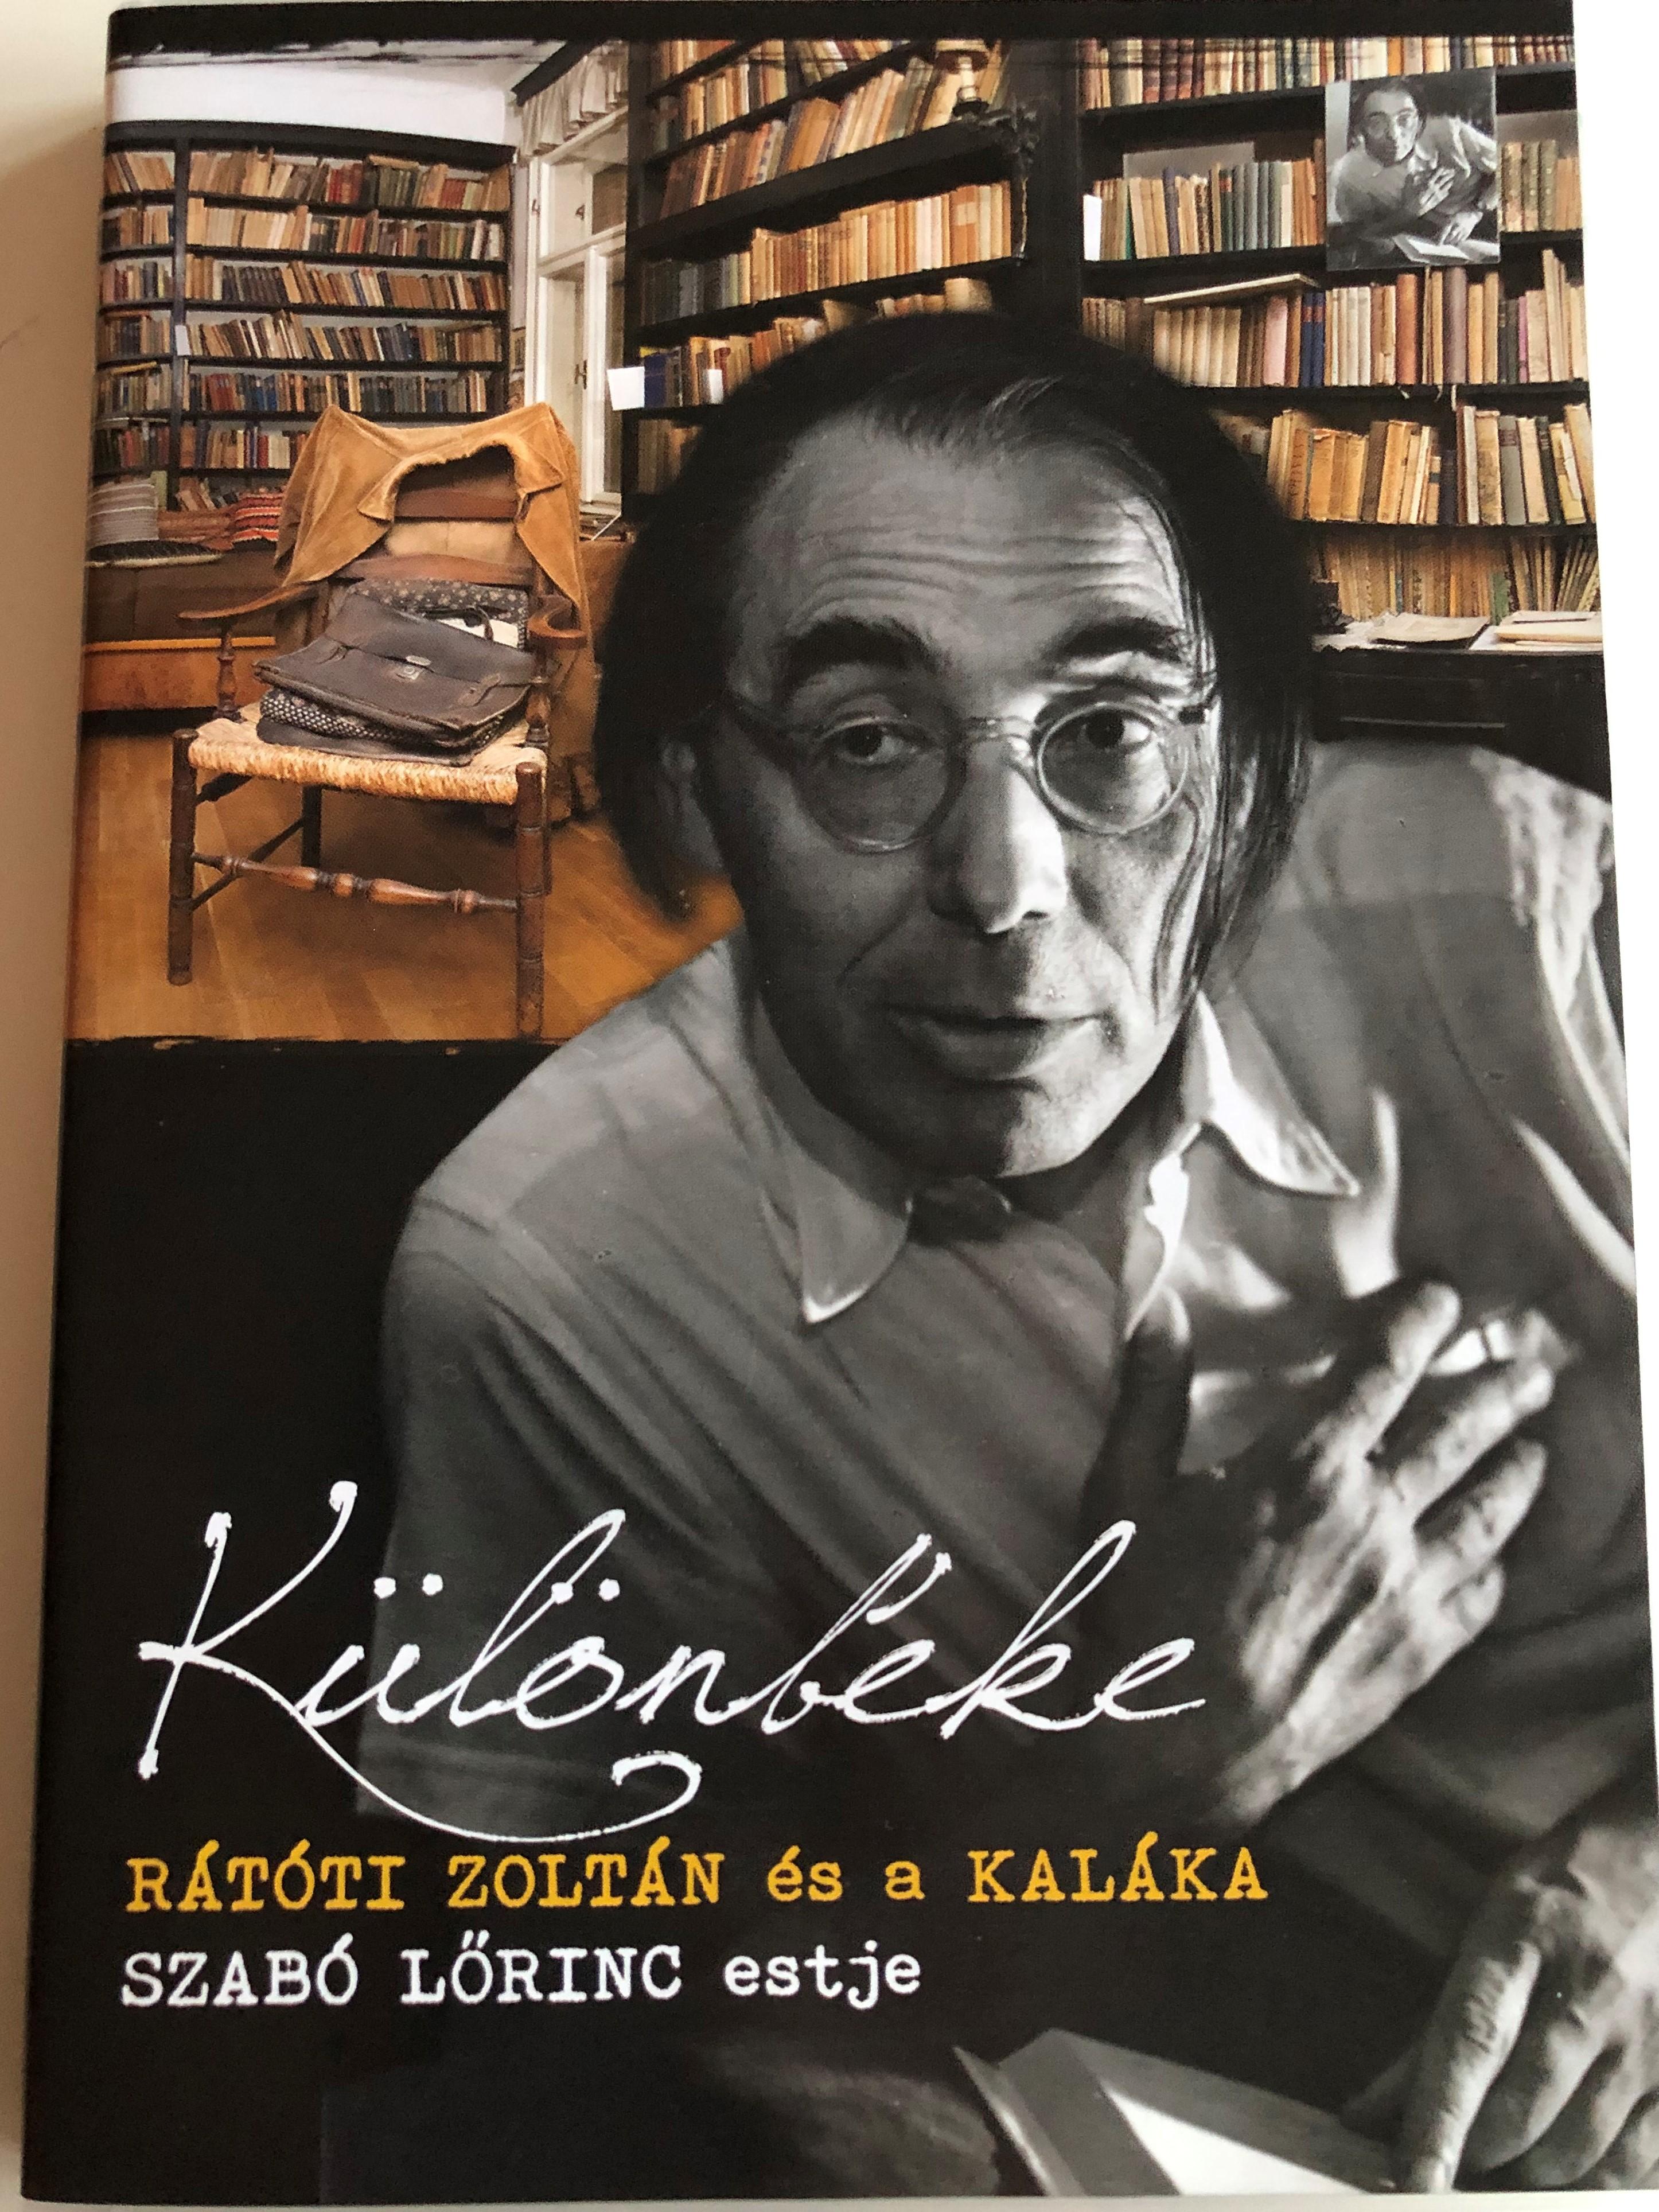 k-l-nb-ke-dvd-2013-r-t-ti-zolt-n-s-a-kal-ka-szab-l-rinc-estje-3.jpg